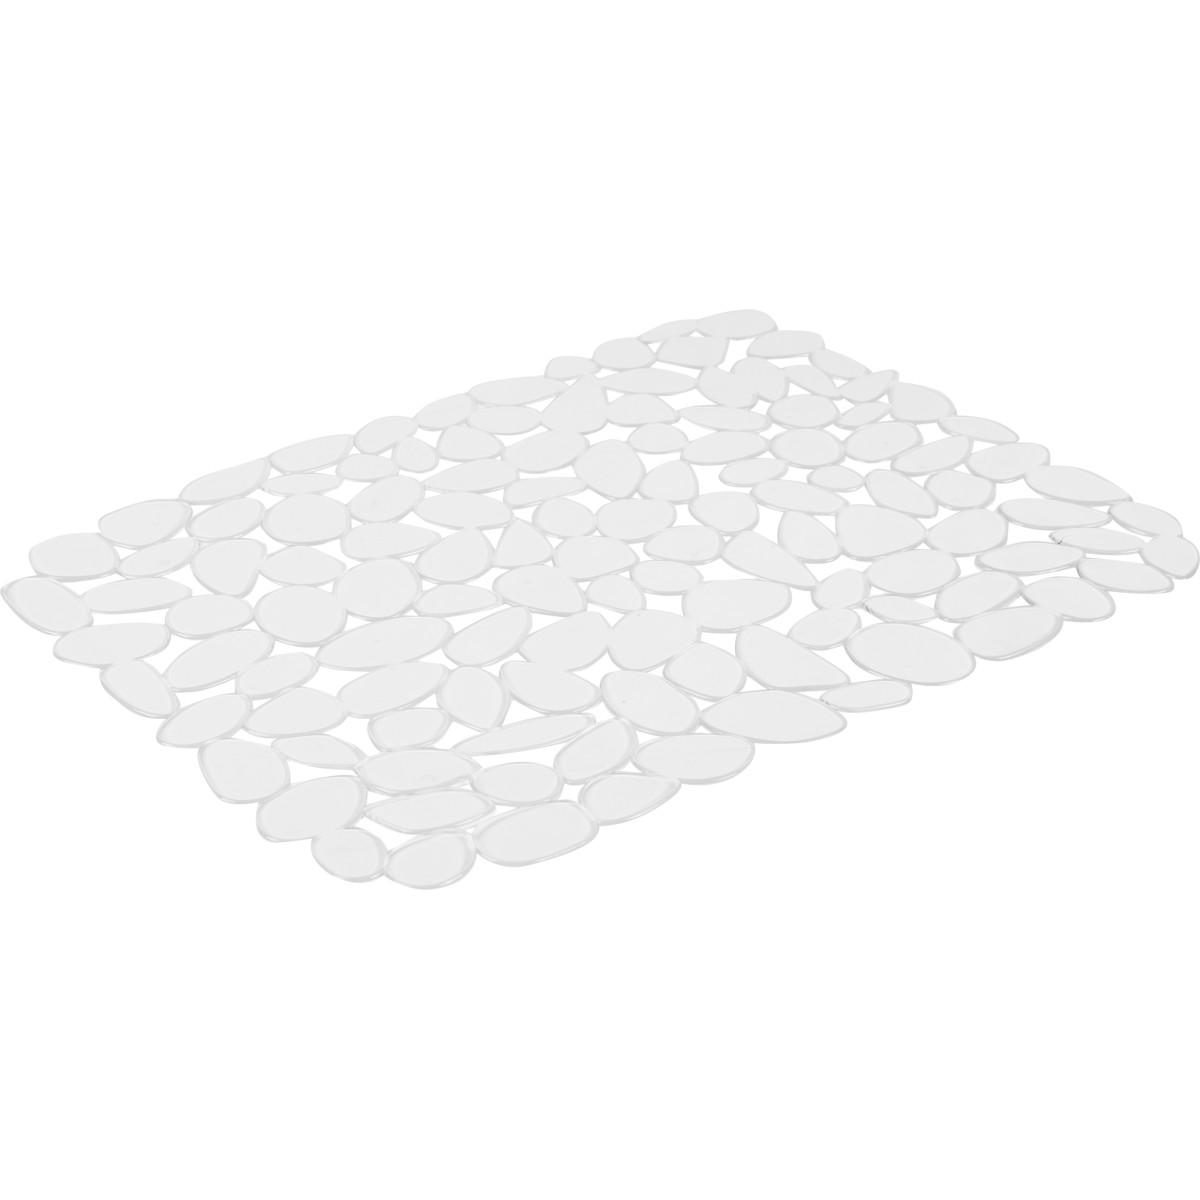 Коврик для мойки Delinia 40х30.5 см силикон цвет прозрачный